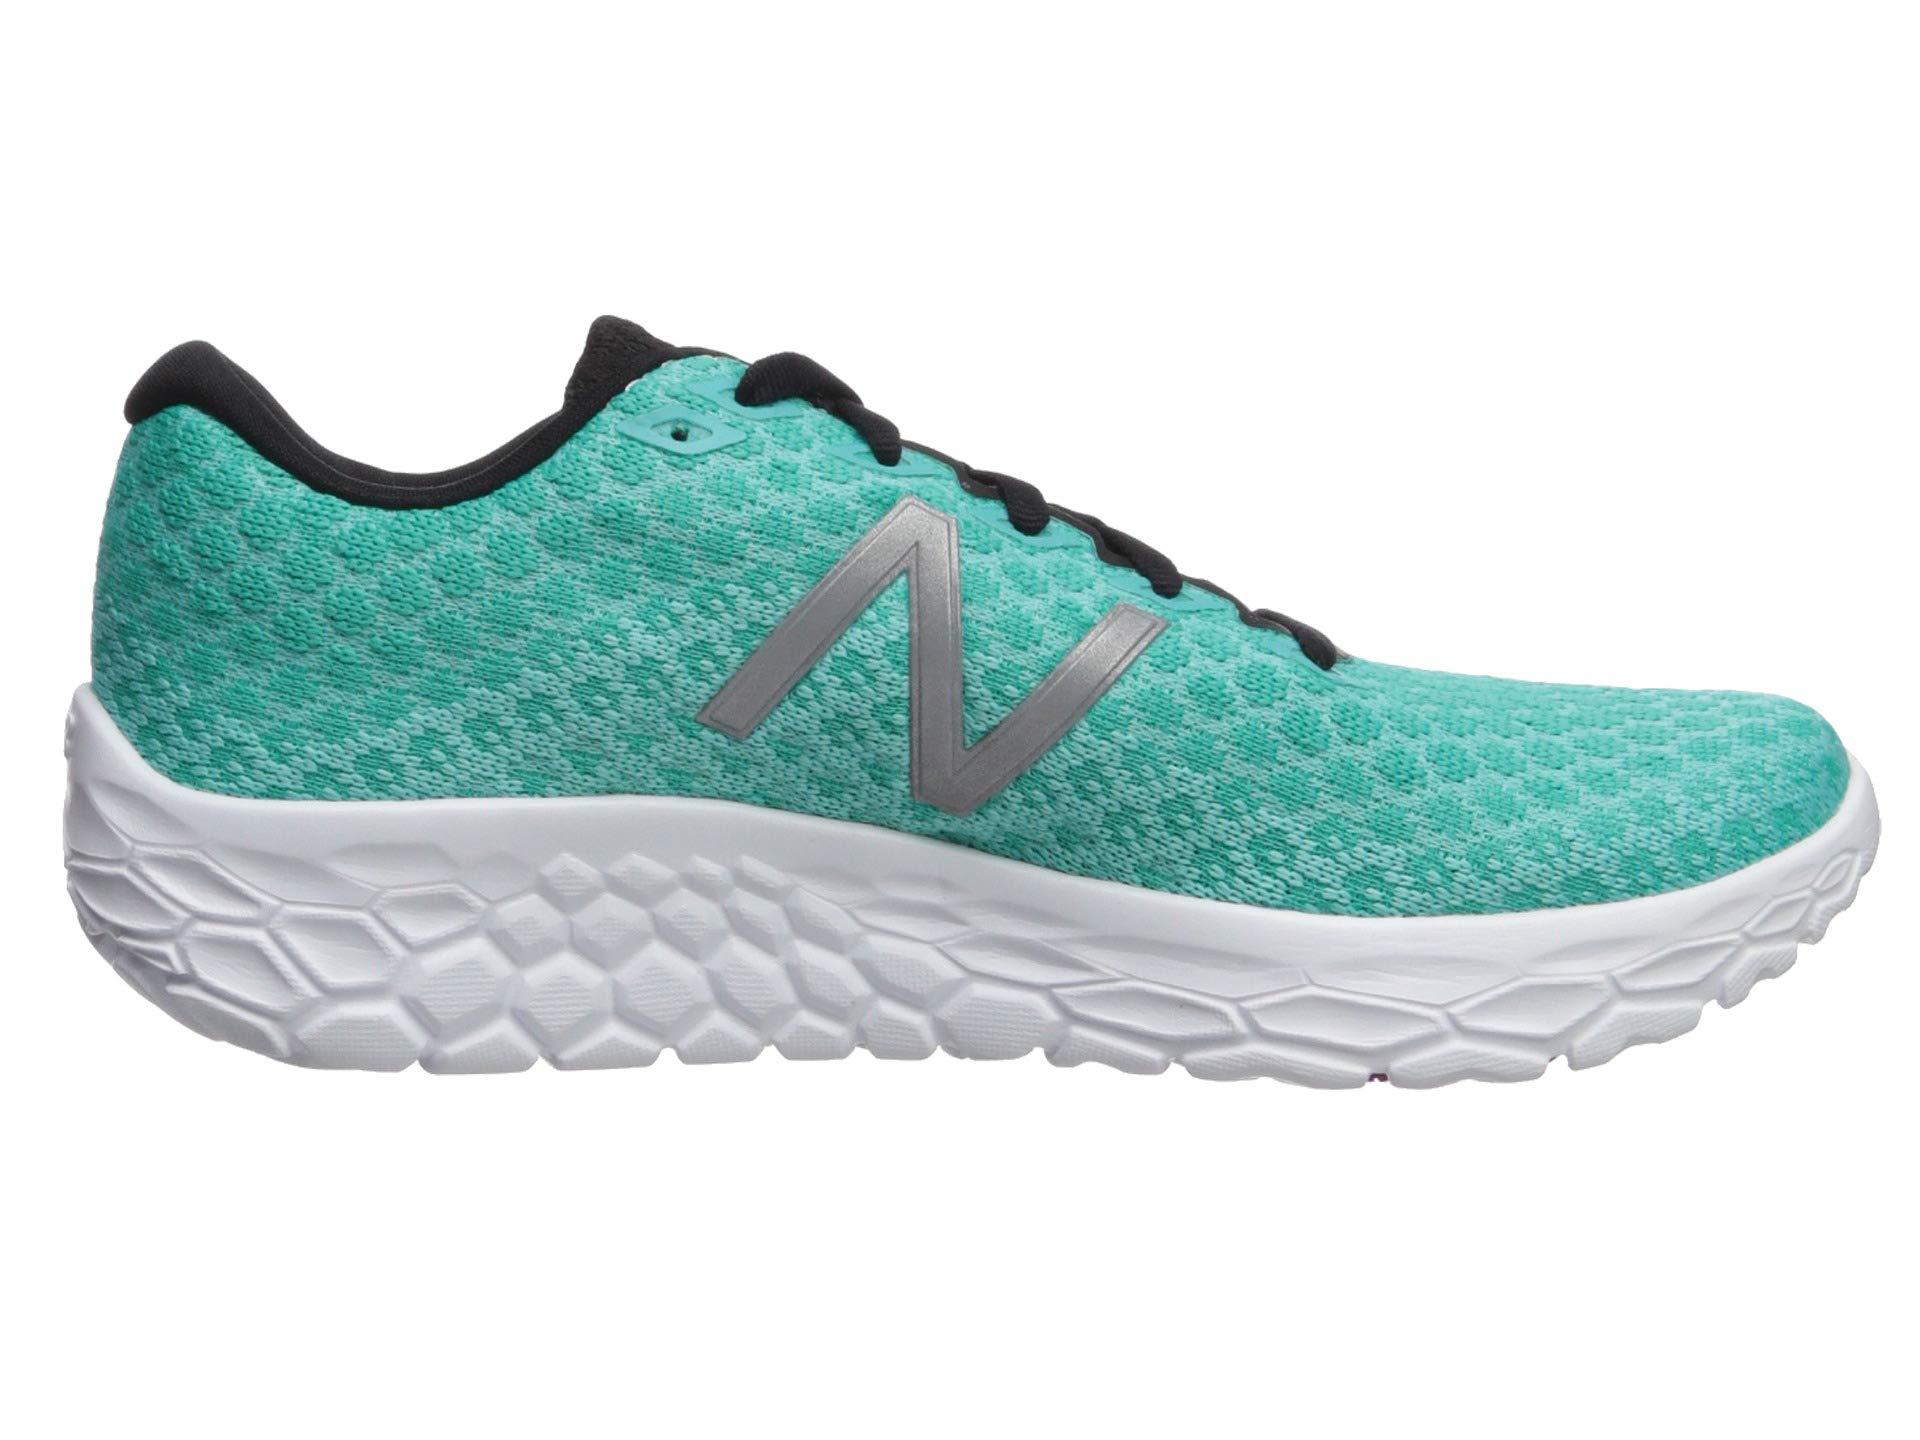 909b9d439729 Lightweight Running Shoes